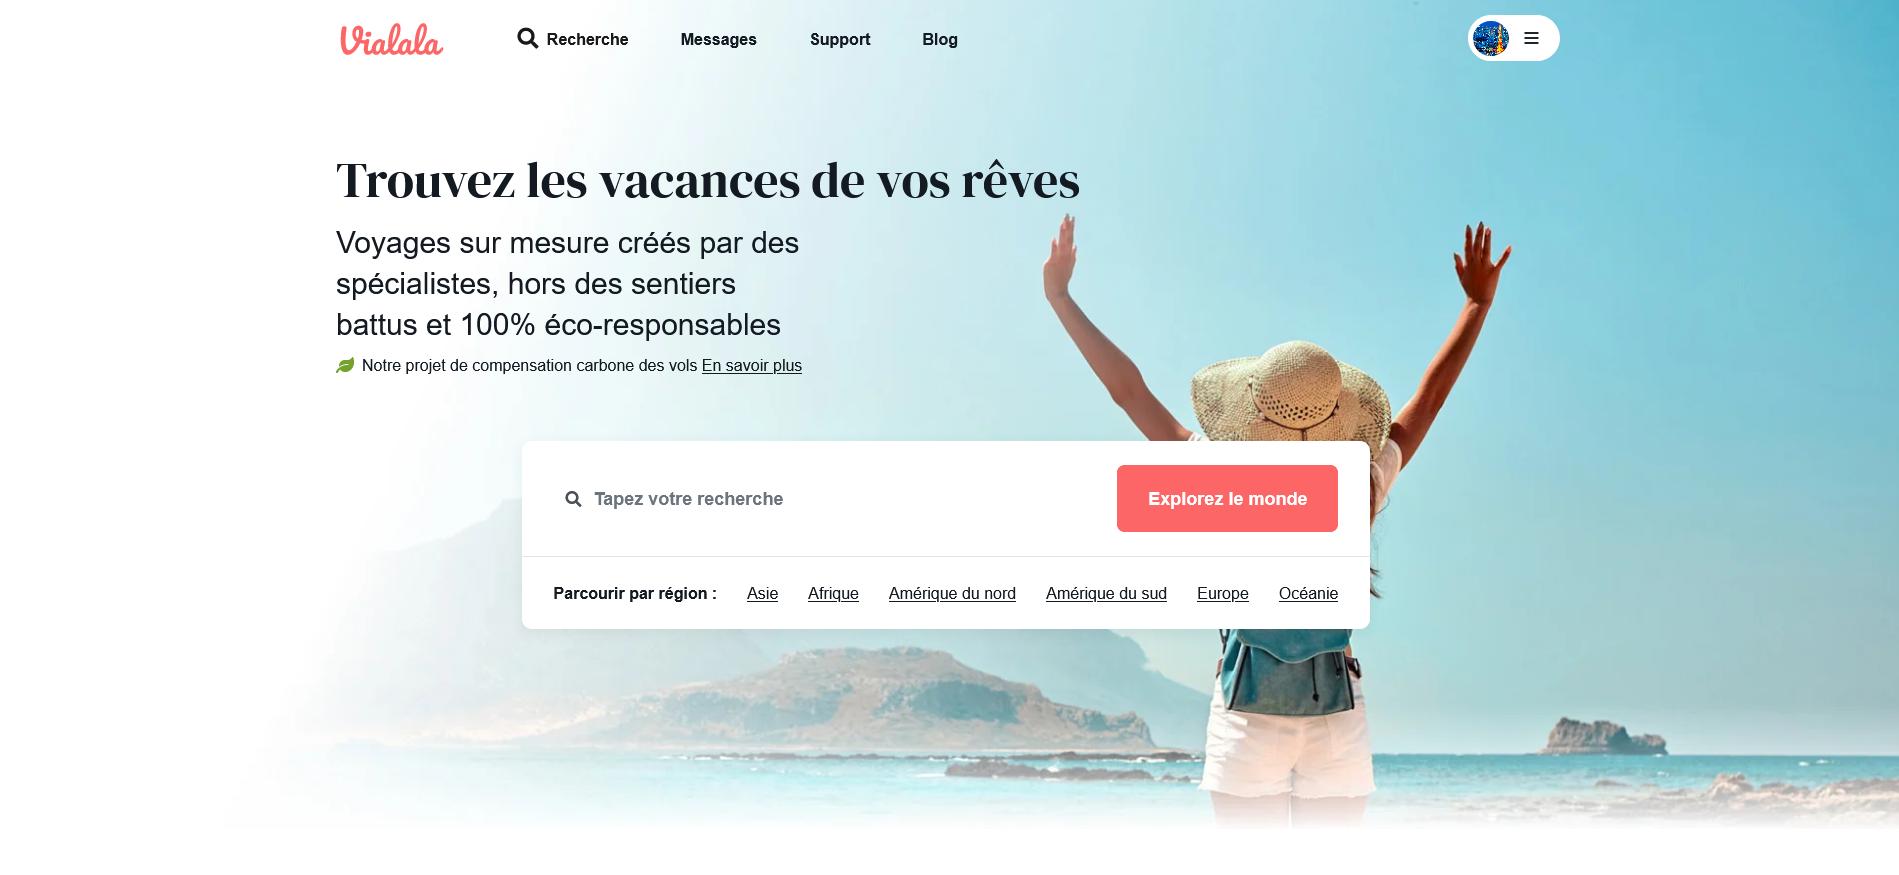 Main image of article: Vialala, application de création de voyages